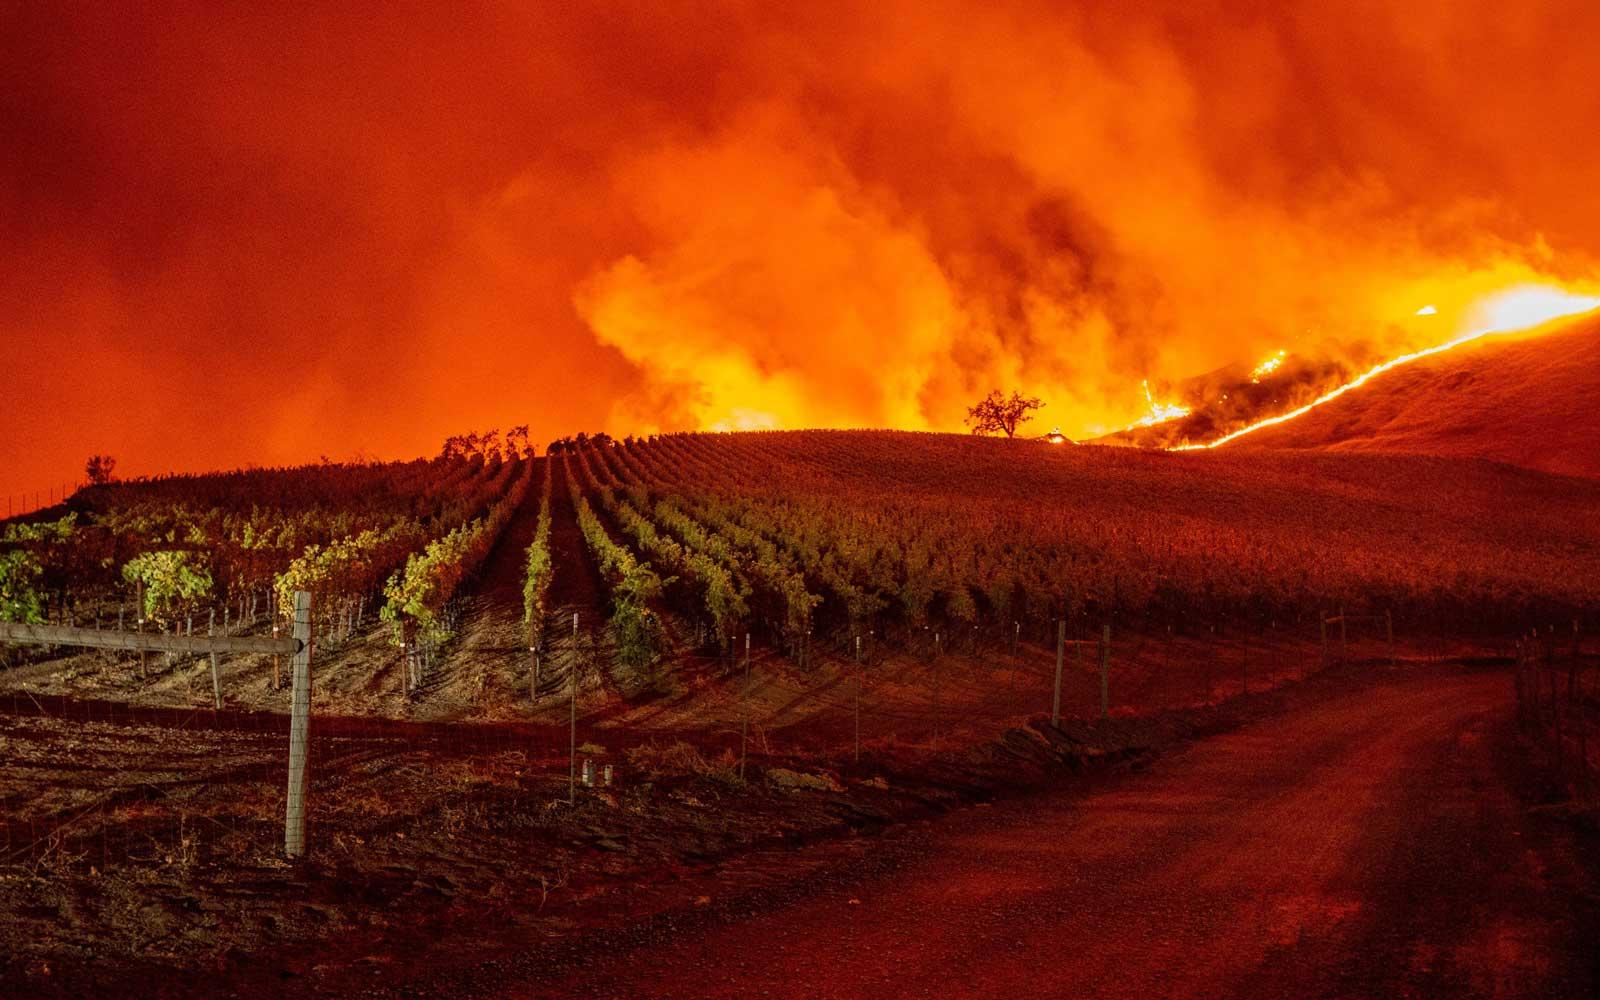 Wijngaard in brand